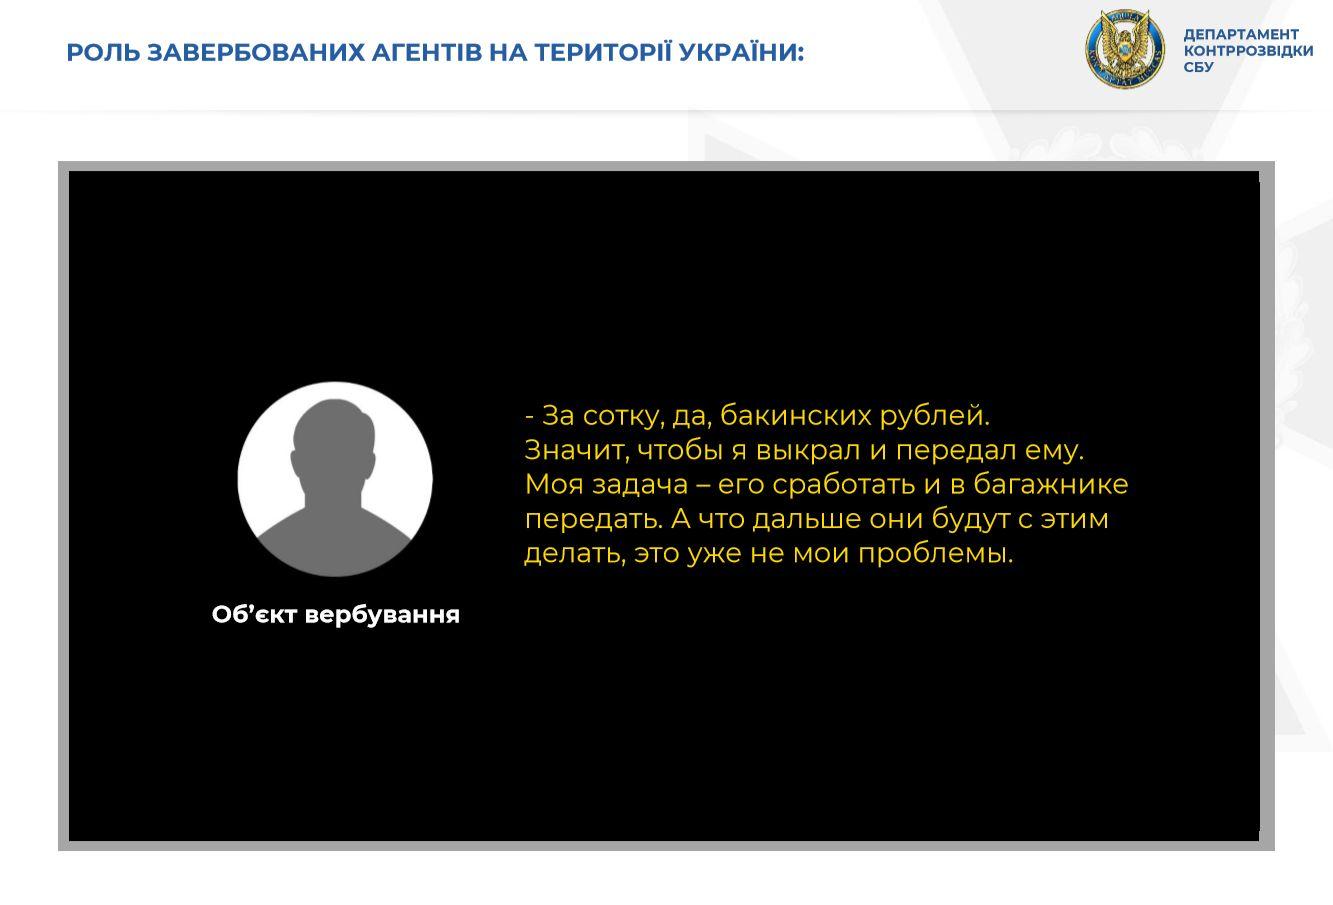 FSB-agenter planlægger sabotage og kidnapning